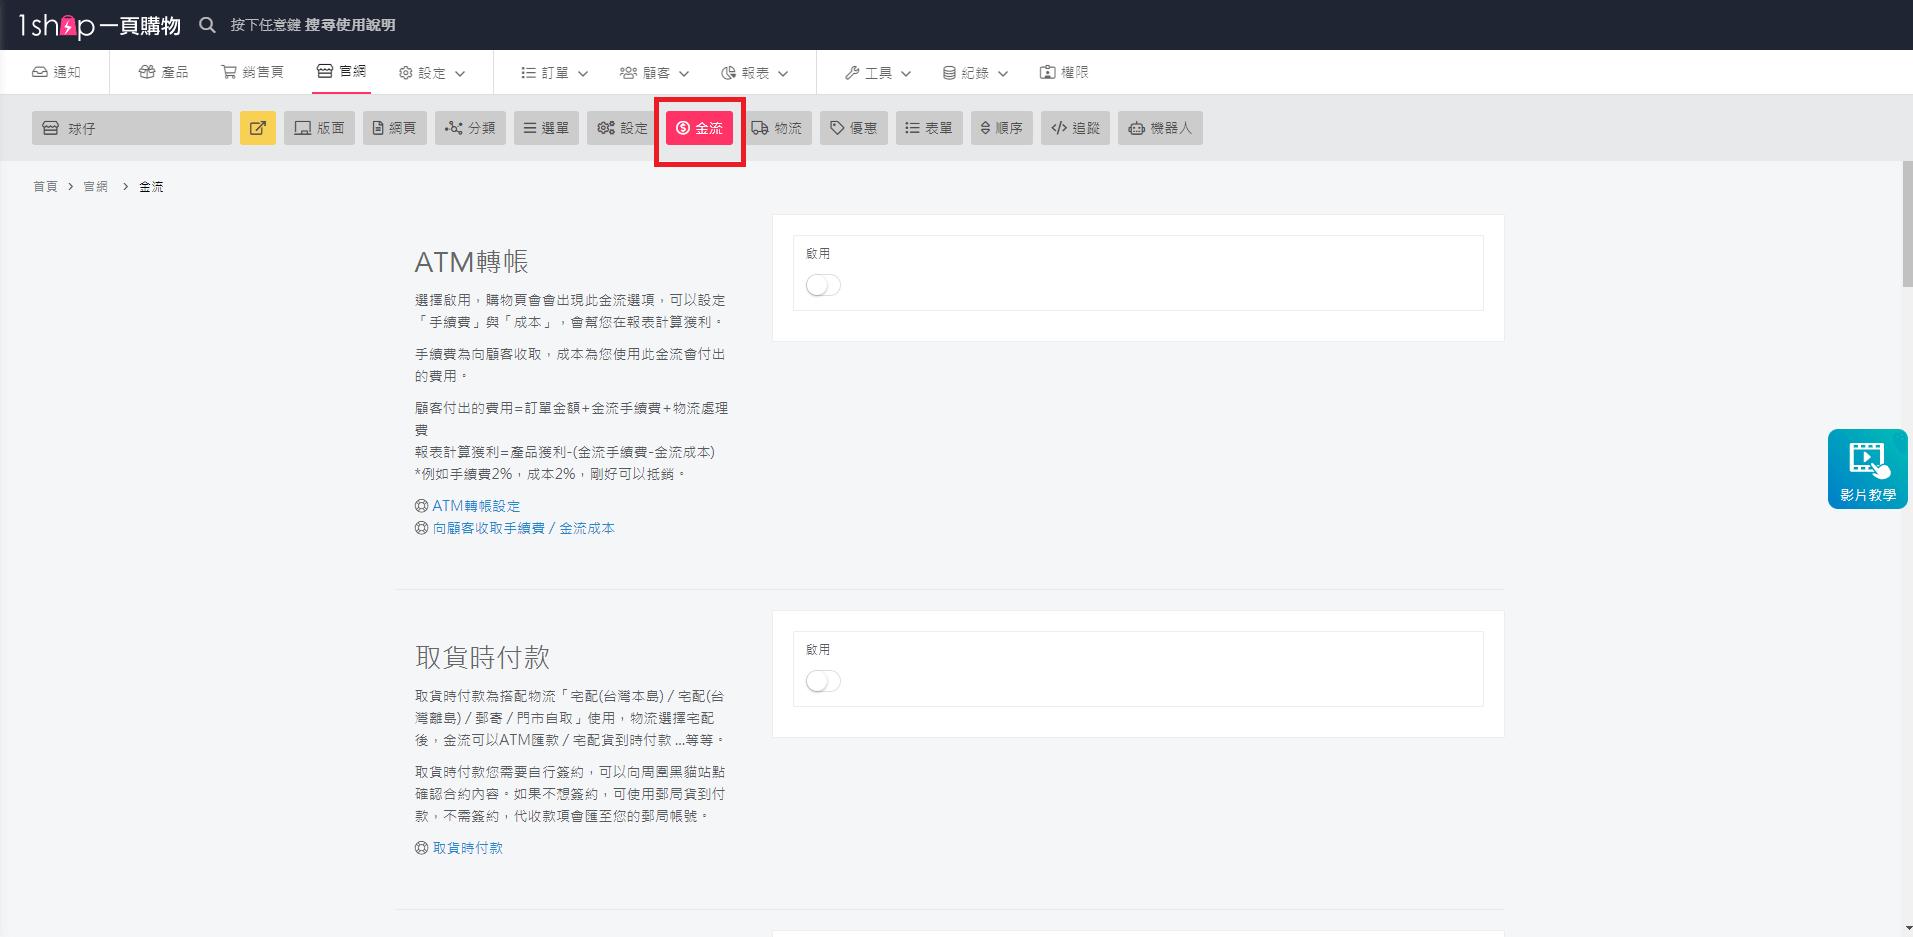 顧客查詢訂單 開啟官網 金流設定